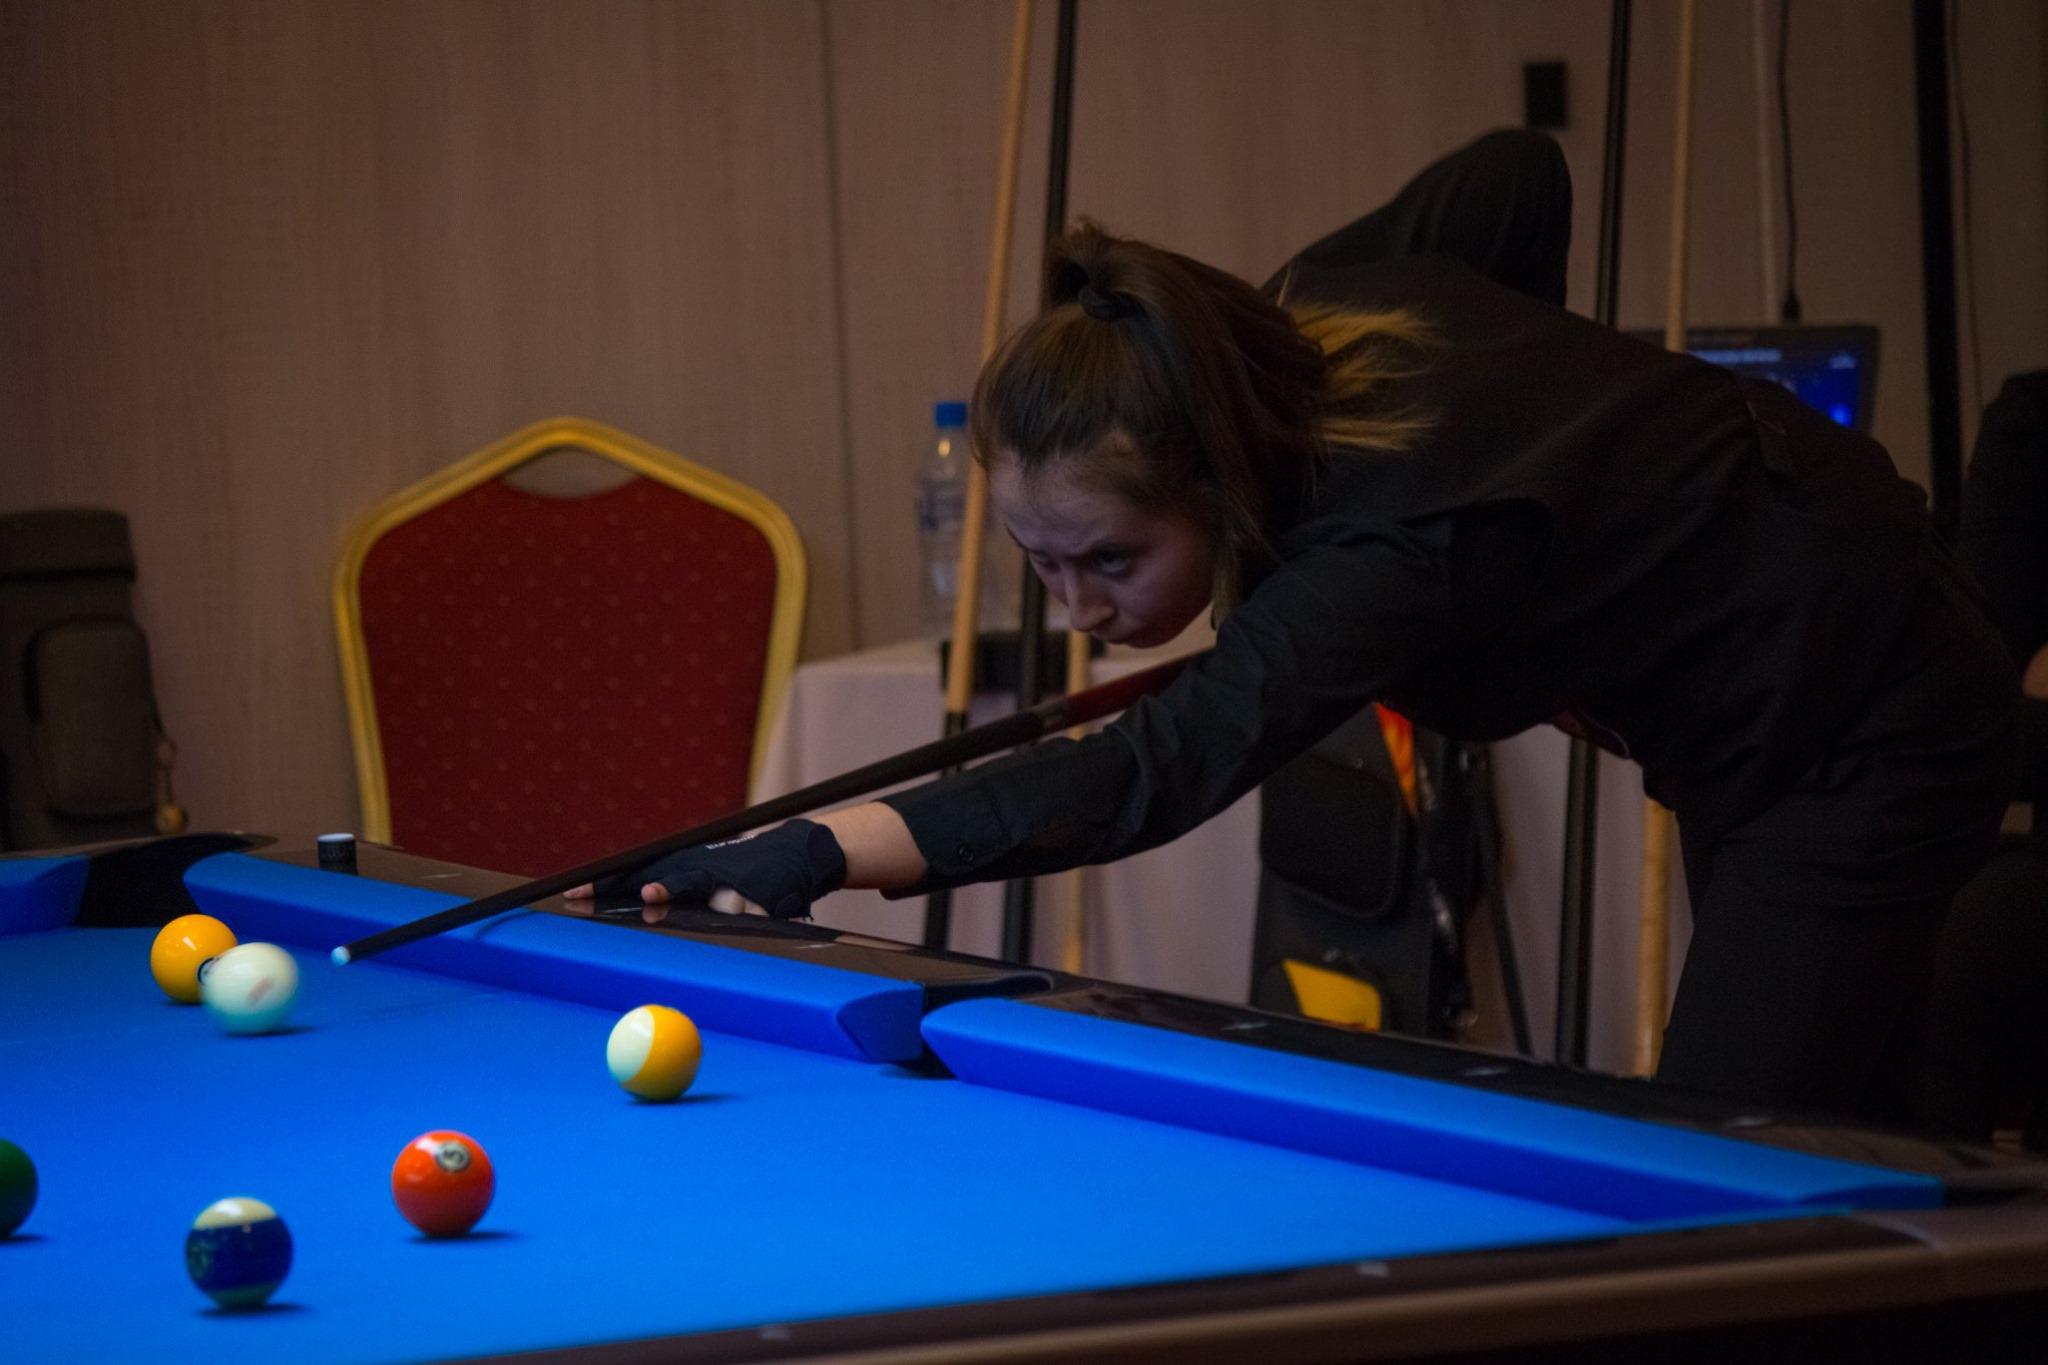 Kultowy model stołu bilardowego Rasson Victory II w rękach naszej junior ambasadorki, Dominiki Pawełczyk.